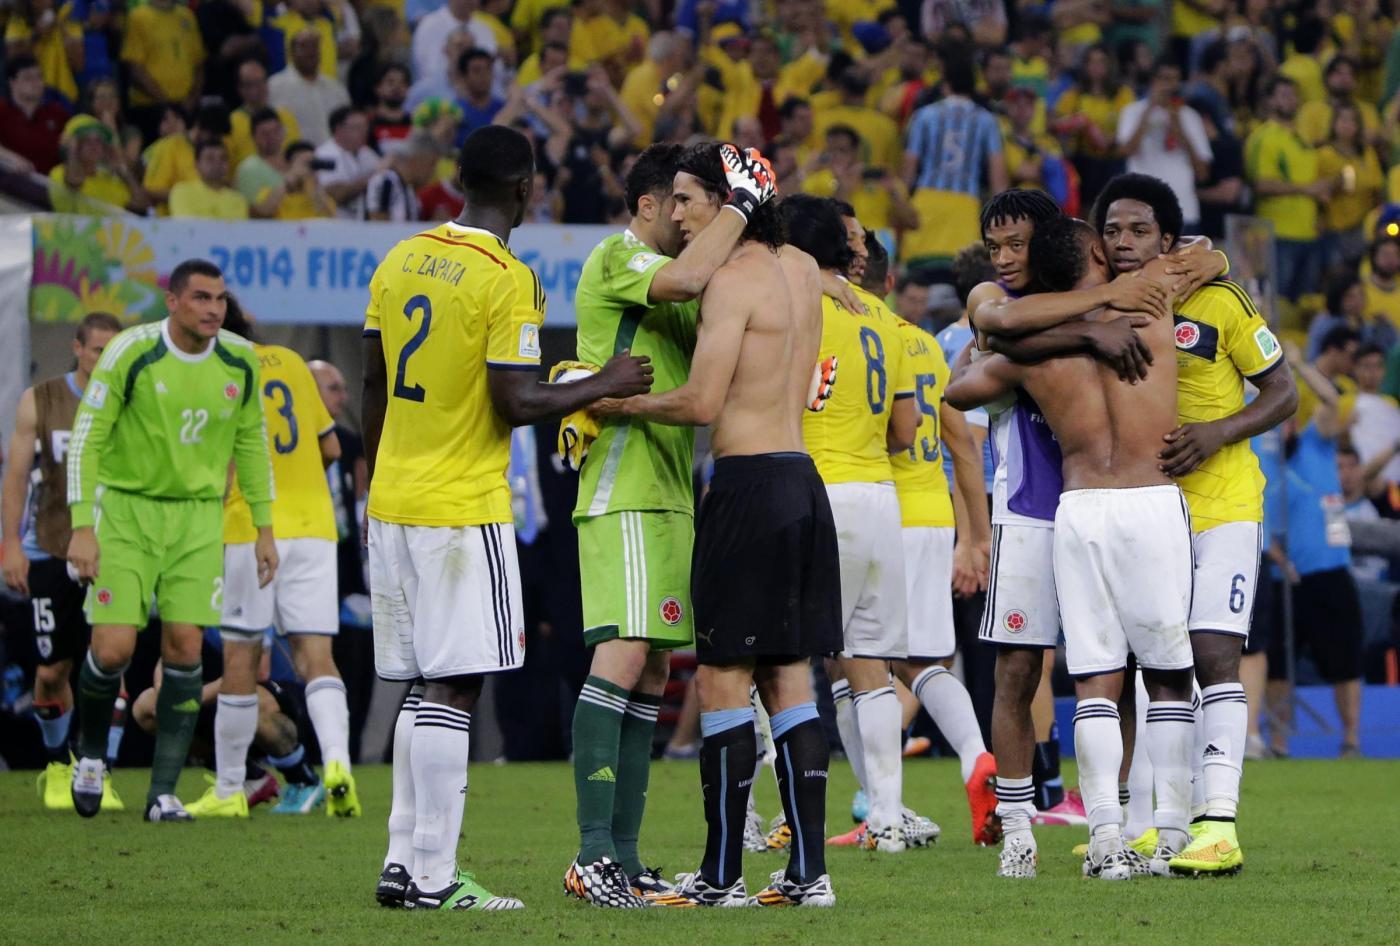 Mondiali 2014: la Colombia passa contro Uruguay grazie alla doppietta di Rodriguez